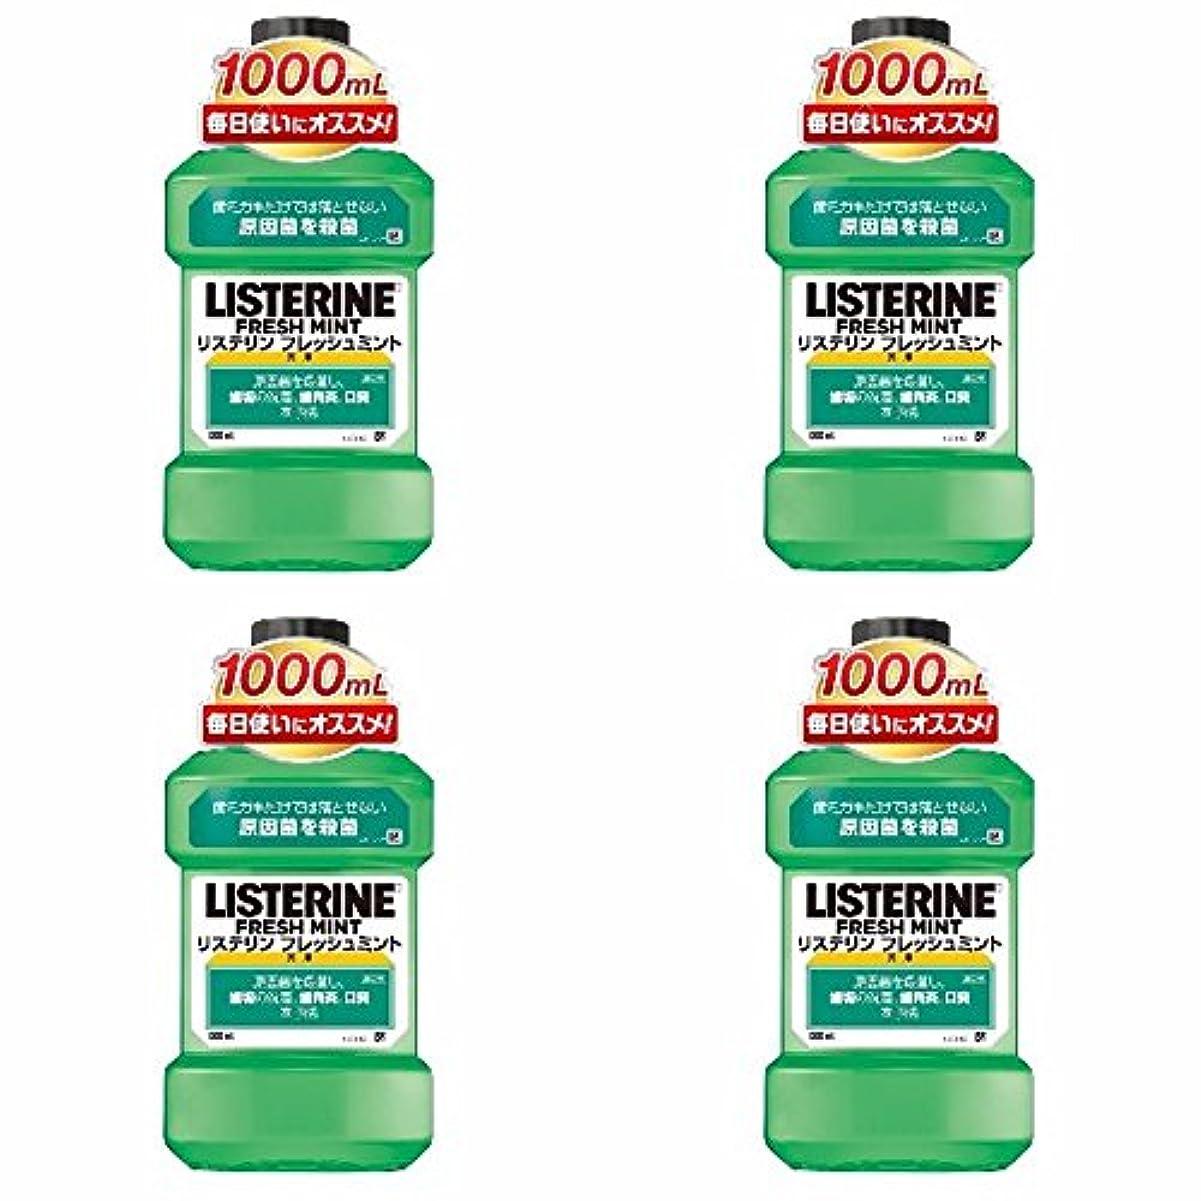 【まとめ買い】薬用 LISTERINE リステリン フレッシュミント 1000ml×4個